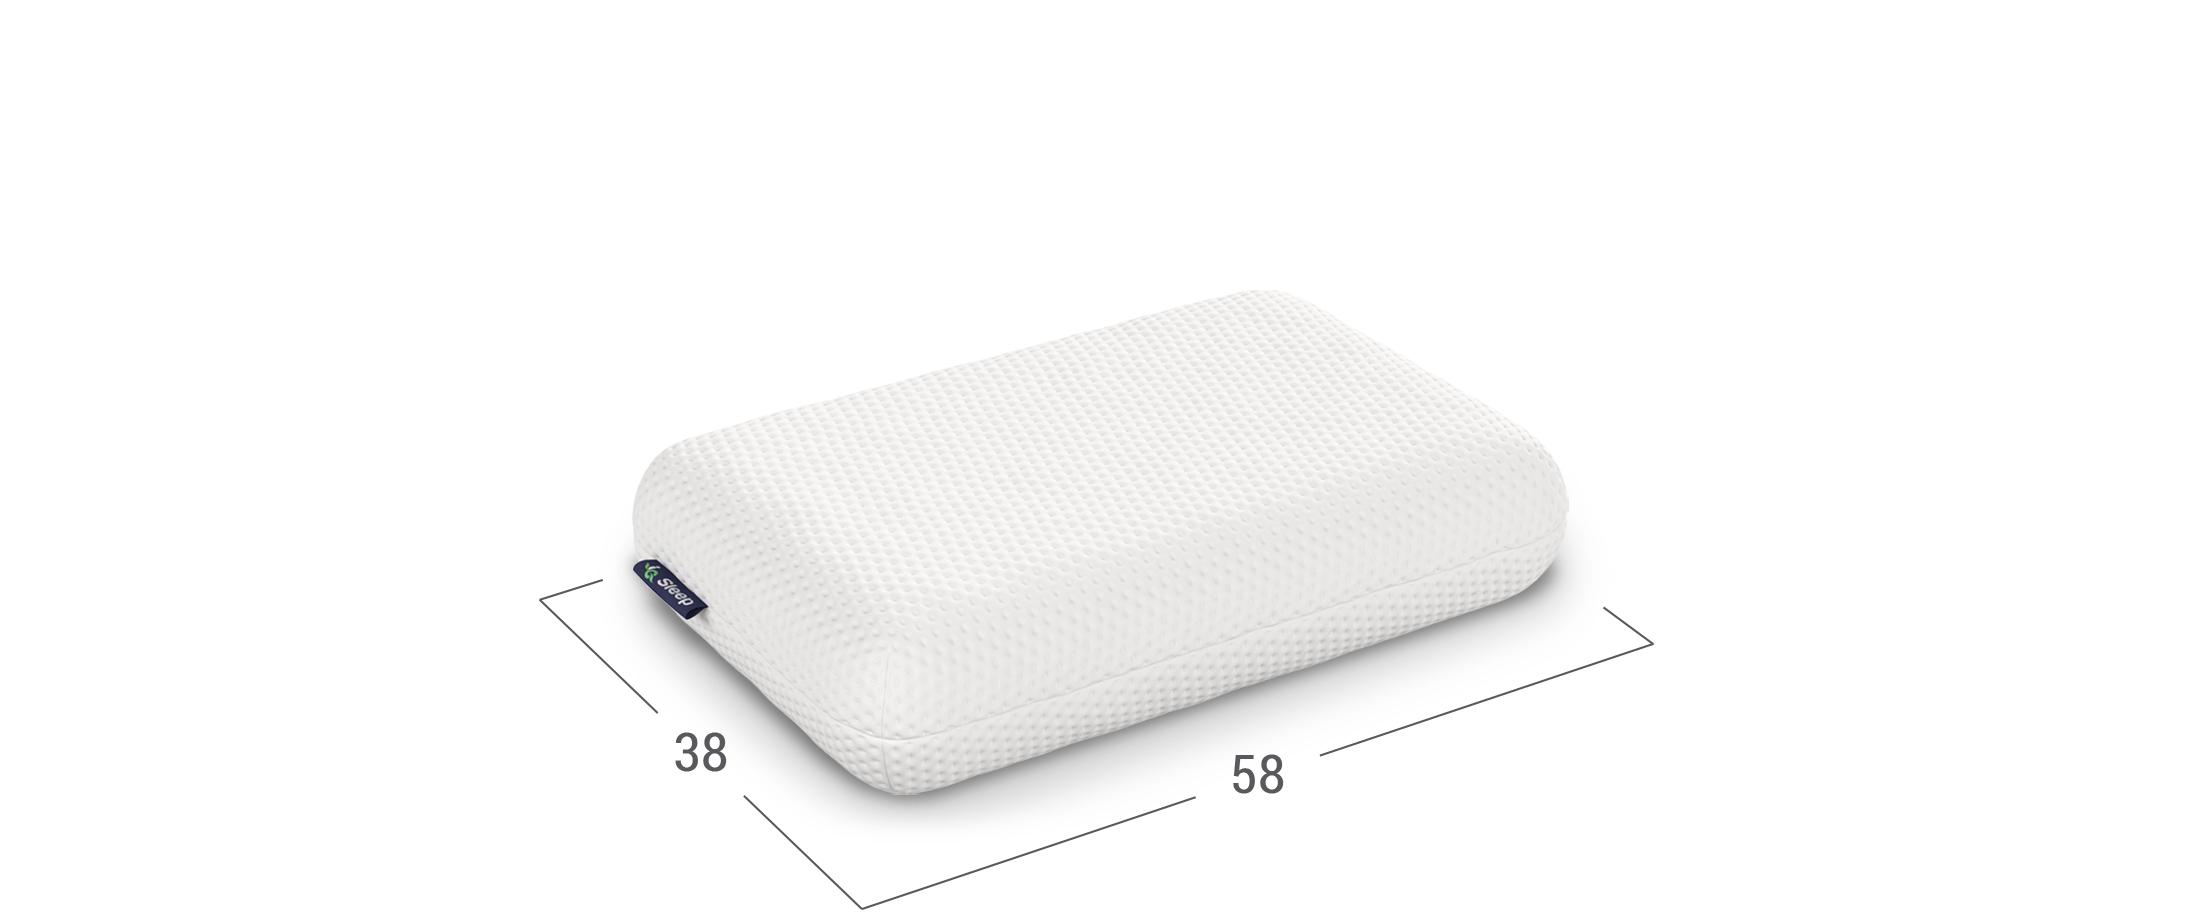 Анатомическая подушка IQ Sleep Cool Feel S Модель 2000